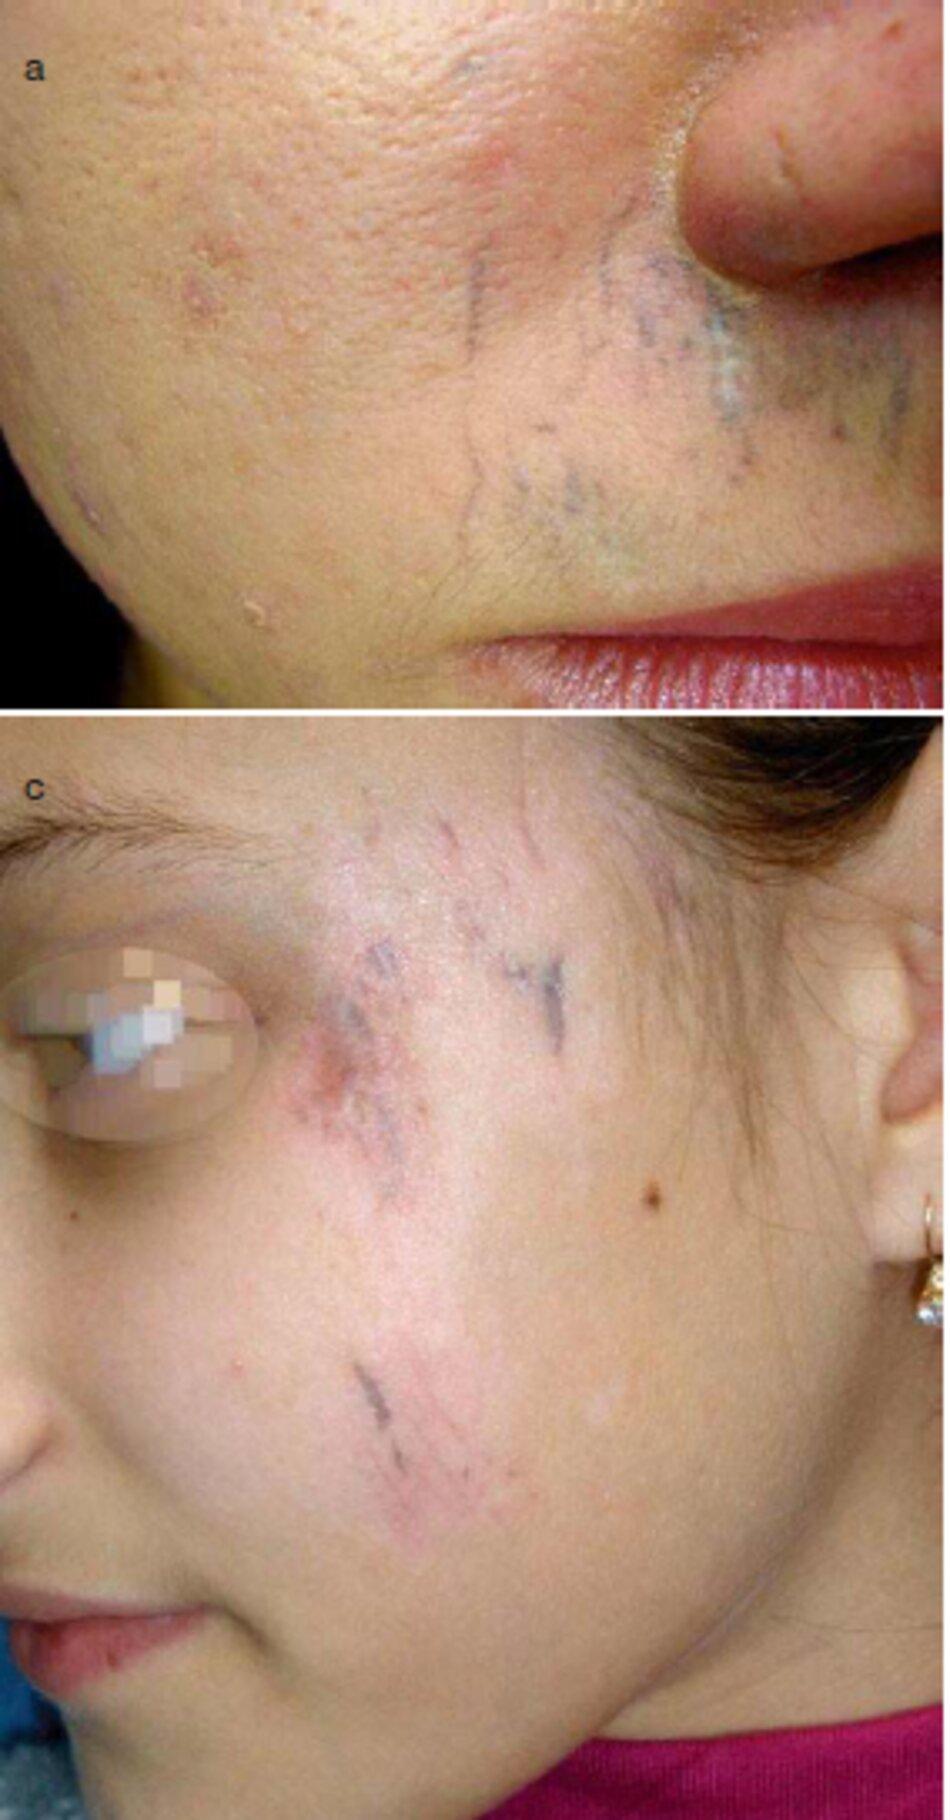 Fig. 3.29 Sẹo đỏng cặn sau khi bị tai nạn xe đạp. (a) Sẹo đóng cặn ở vùng môi trên, (bị) Sẹo đóng cặn ở vùng cẳng chân phái, (c) Sẹo đóng cặn ở vùng khuôn mặt bên trái